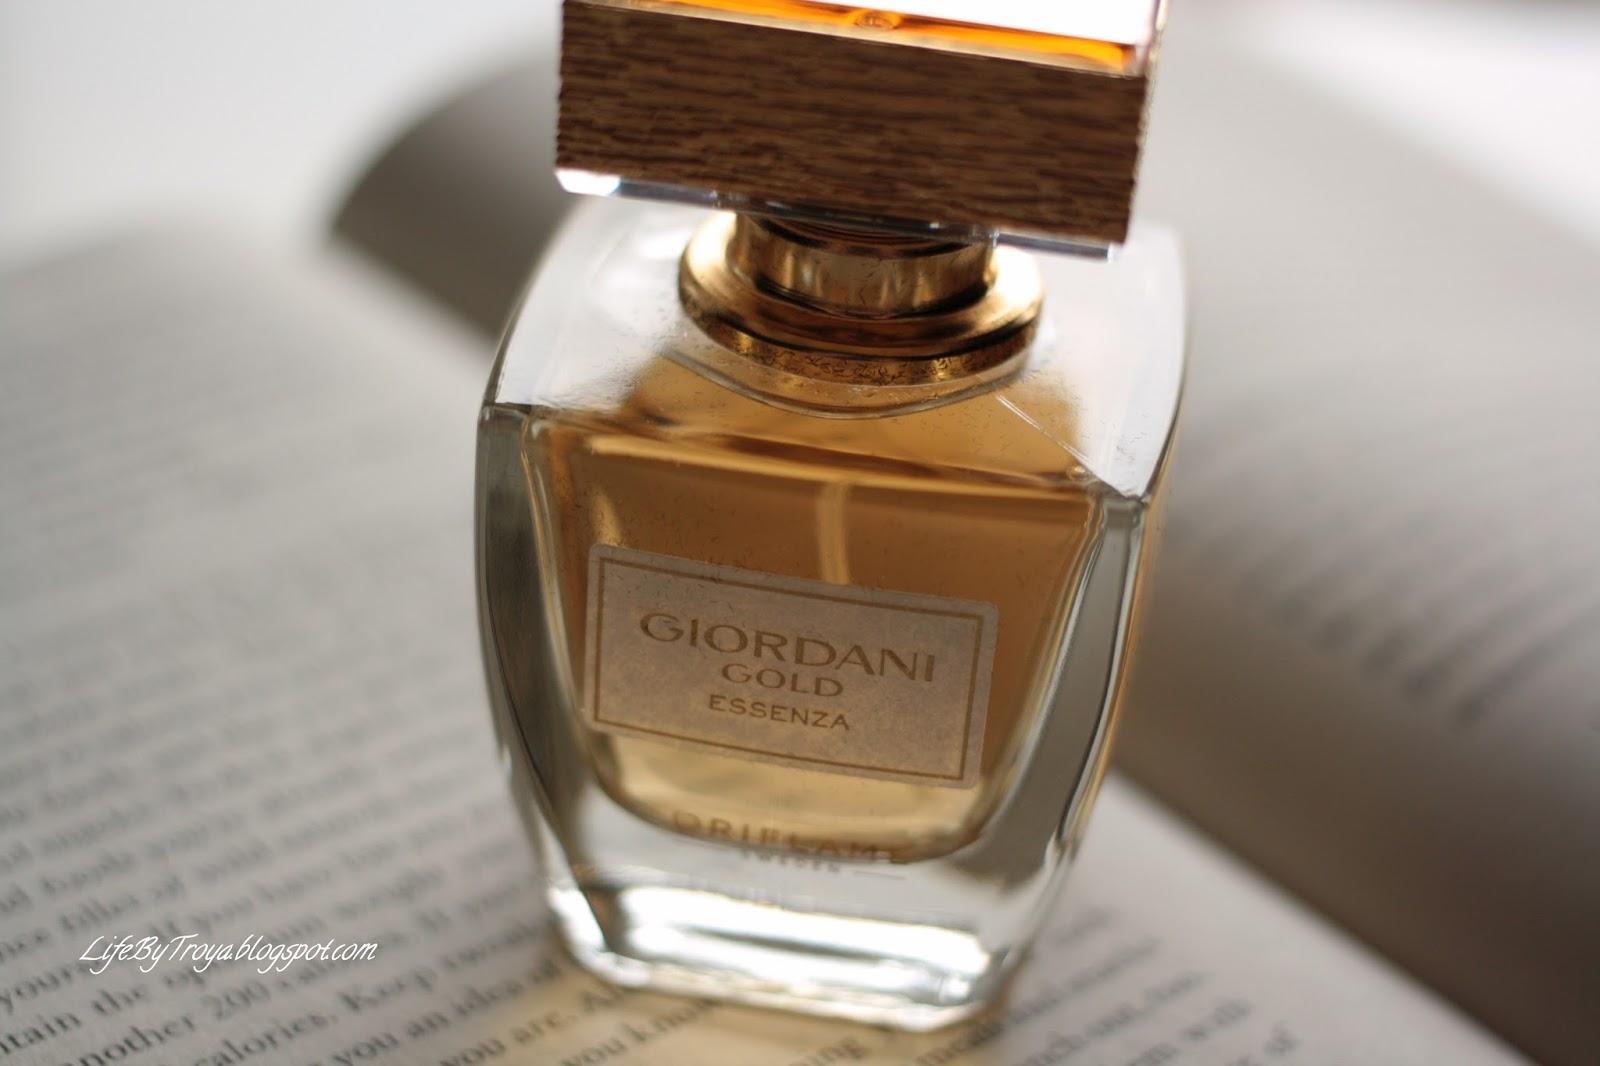 Review Oriflame Giordani Gold Essenza Perfume Troyas Land